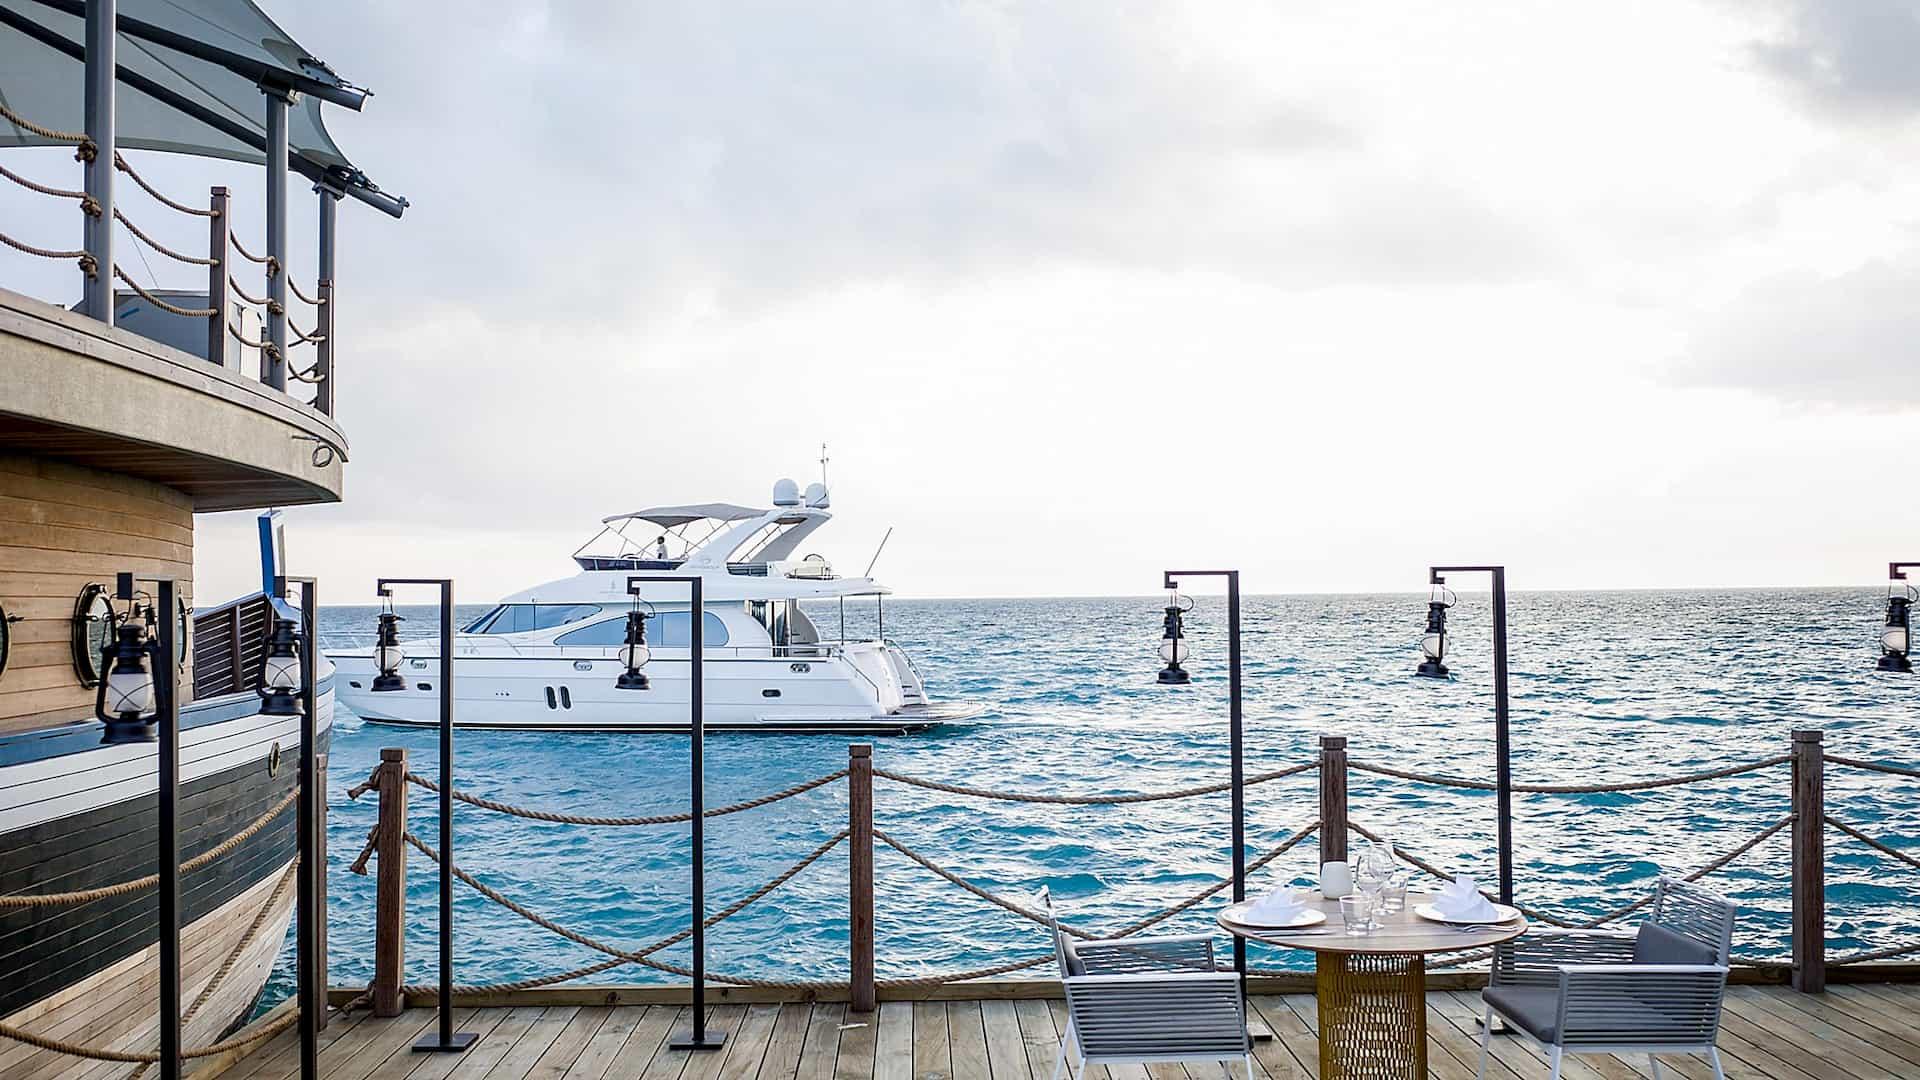 Resort Maldive Intercontinental Mamunga